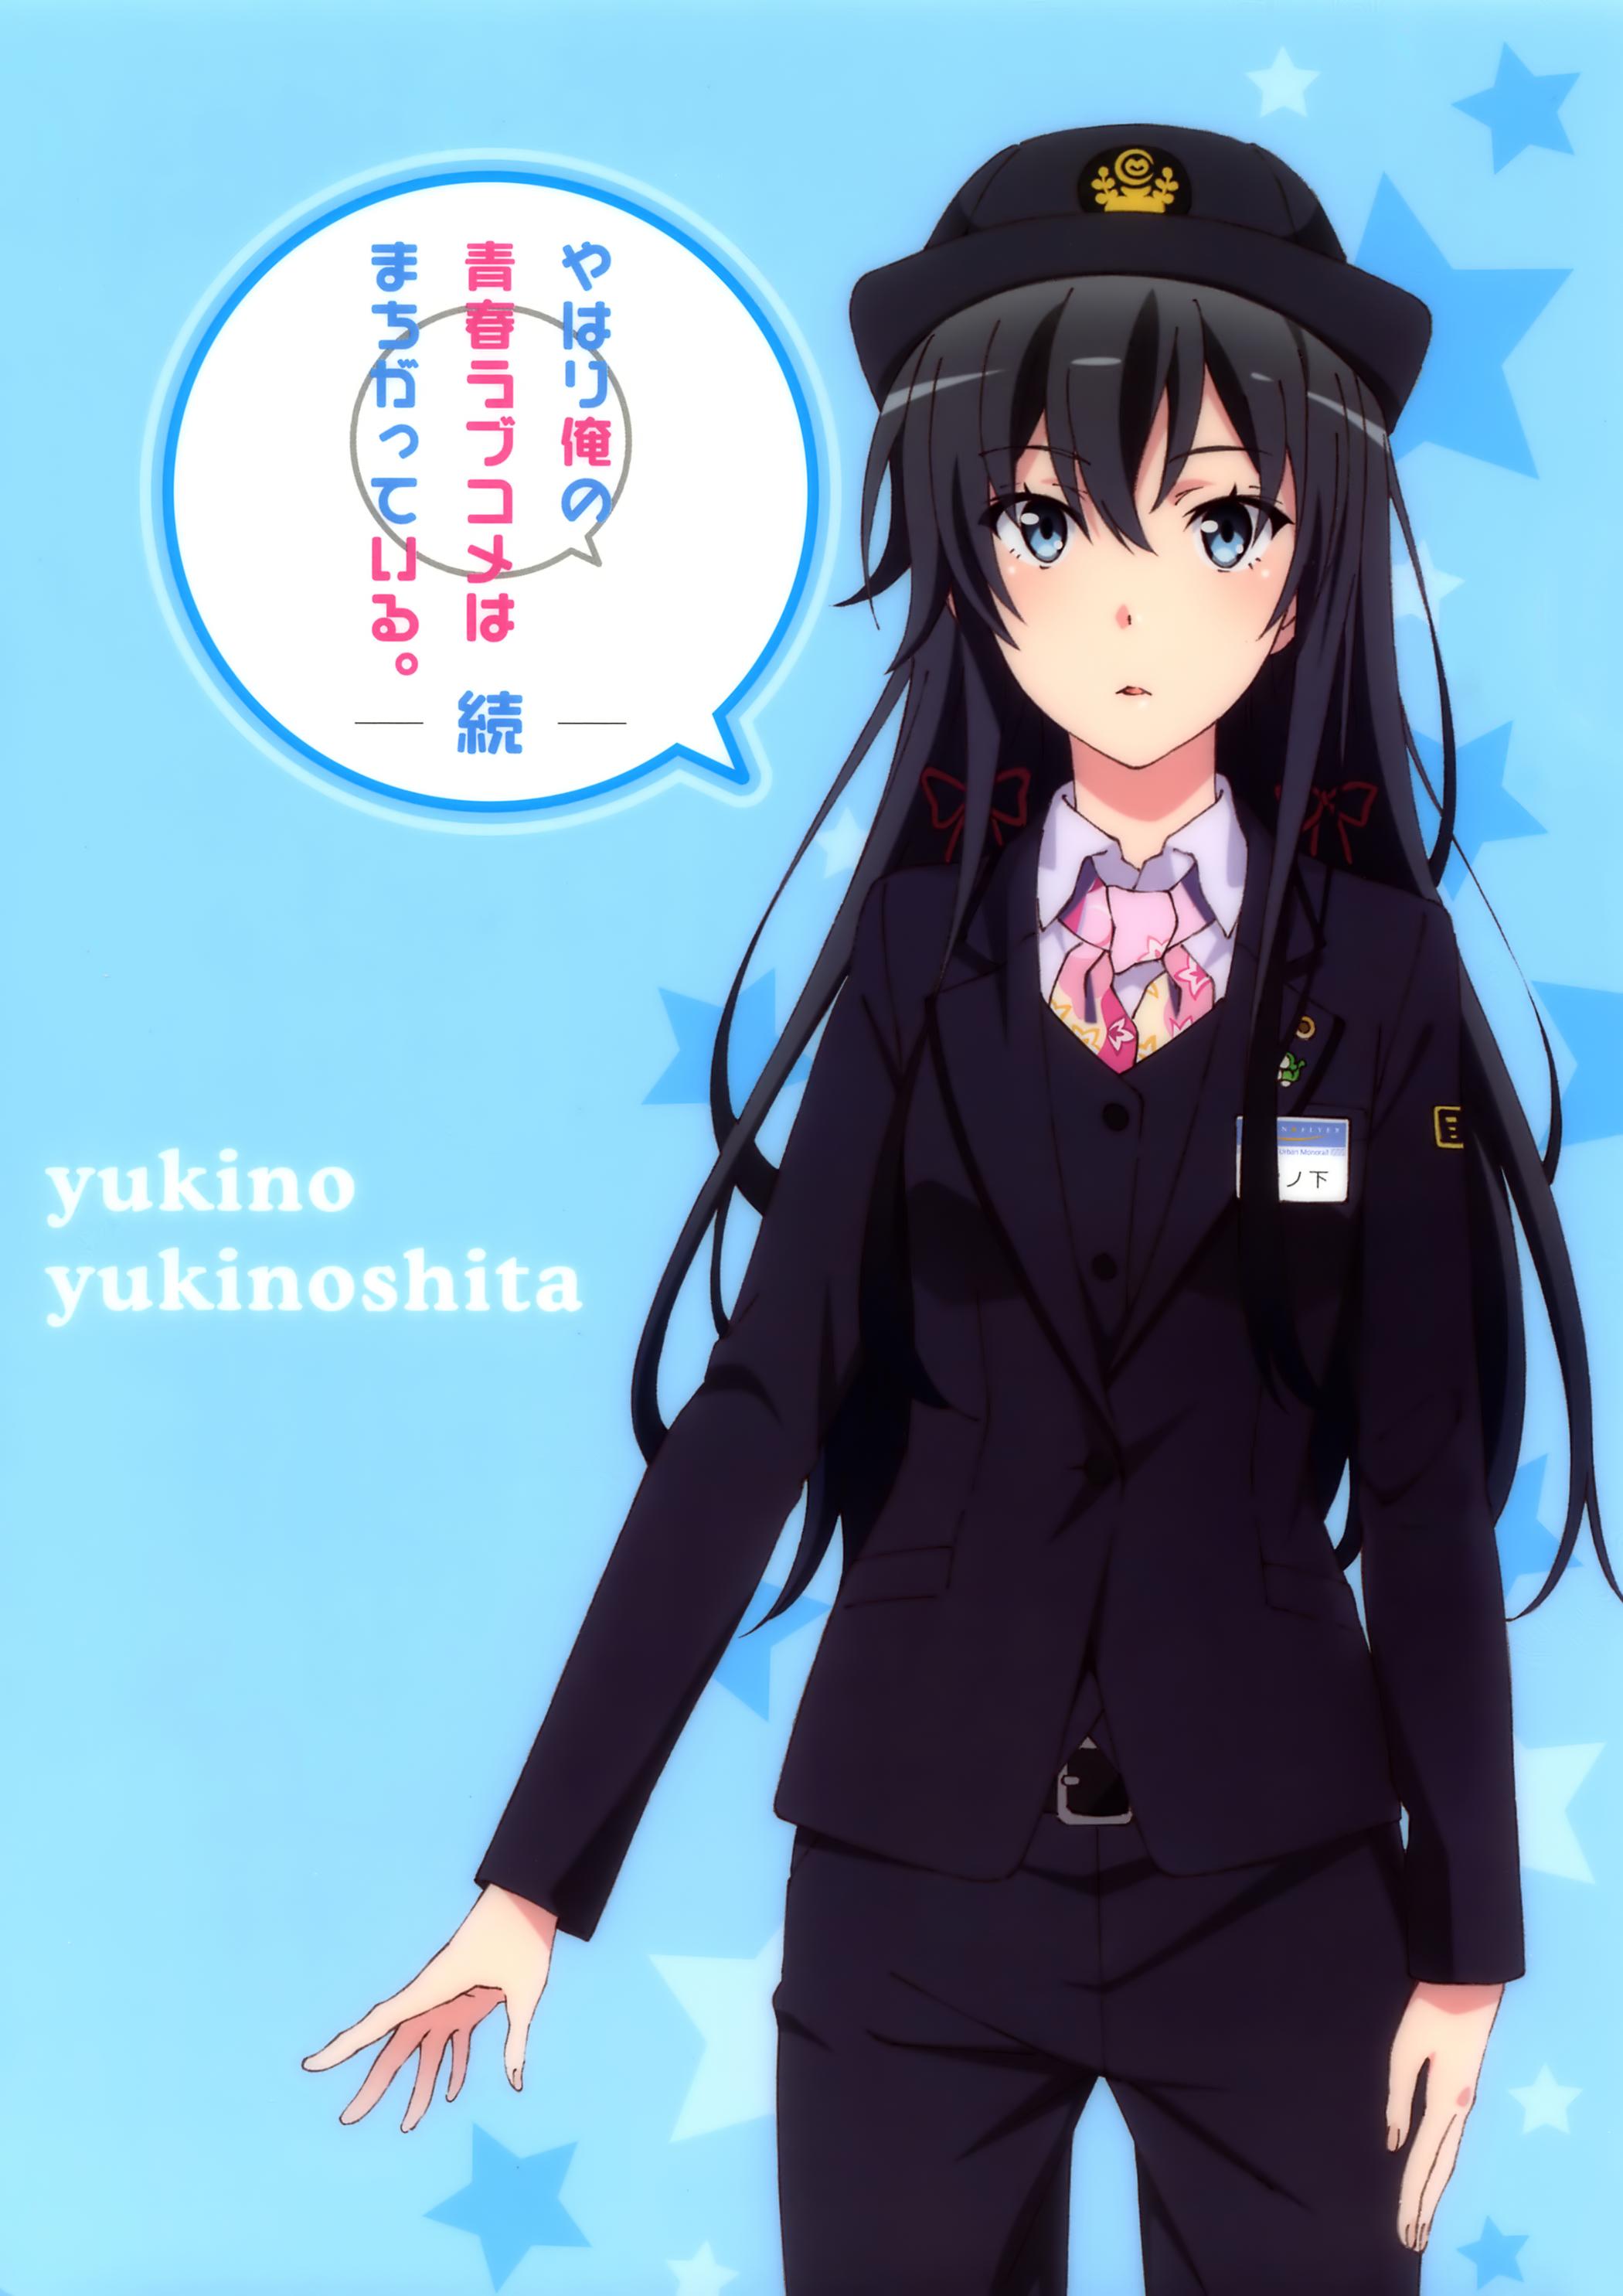 yukino yukinoshita